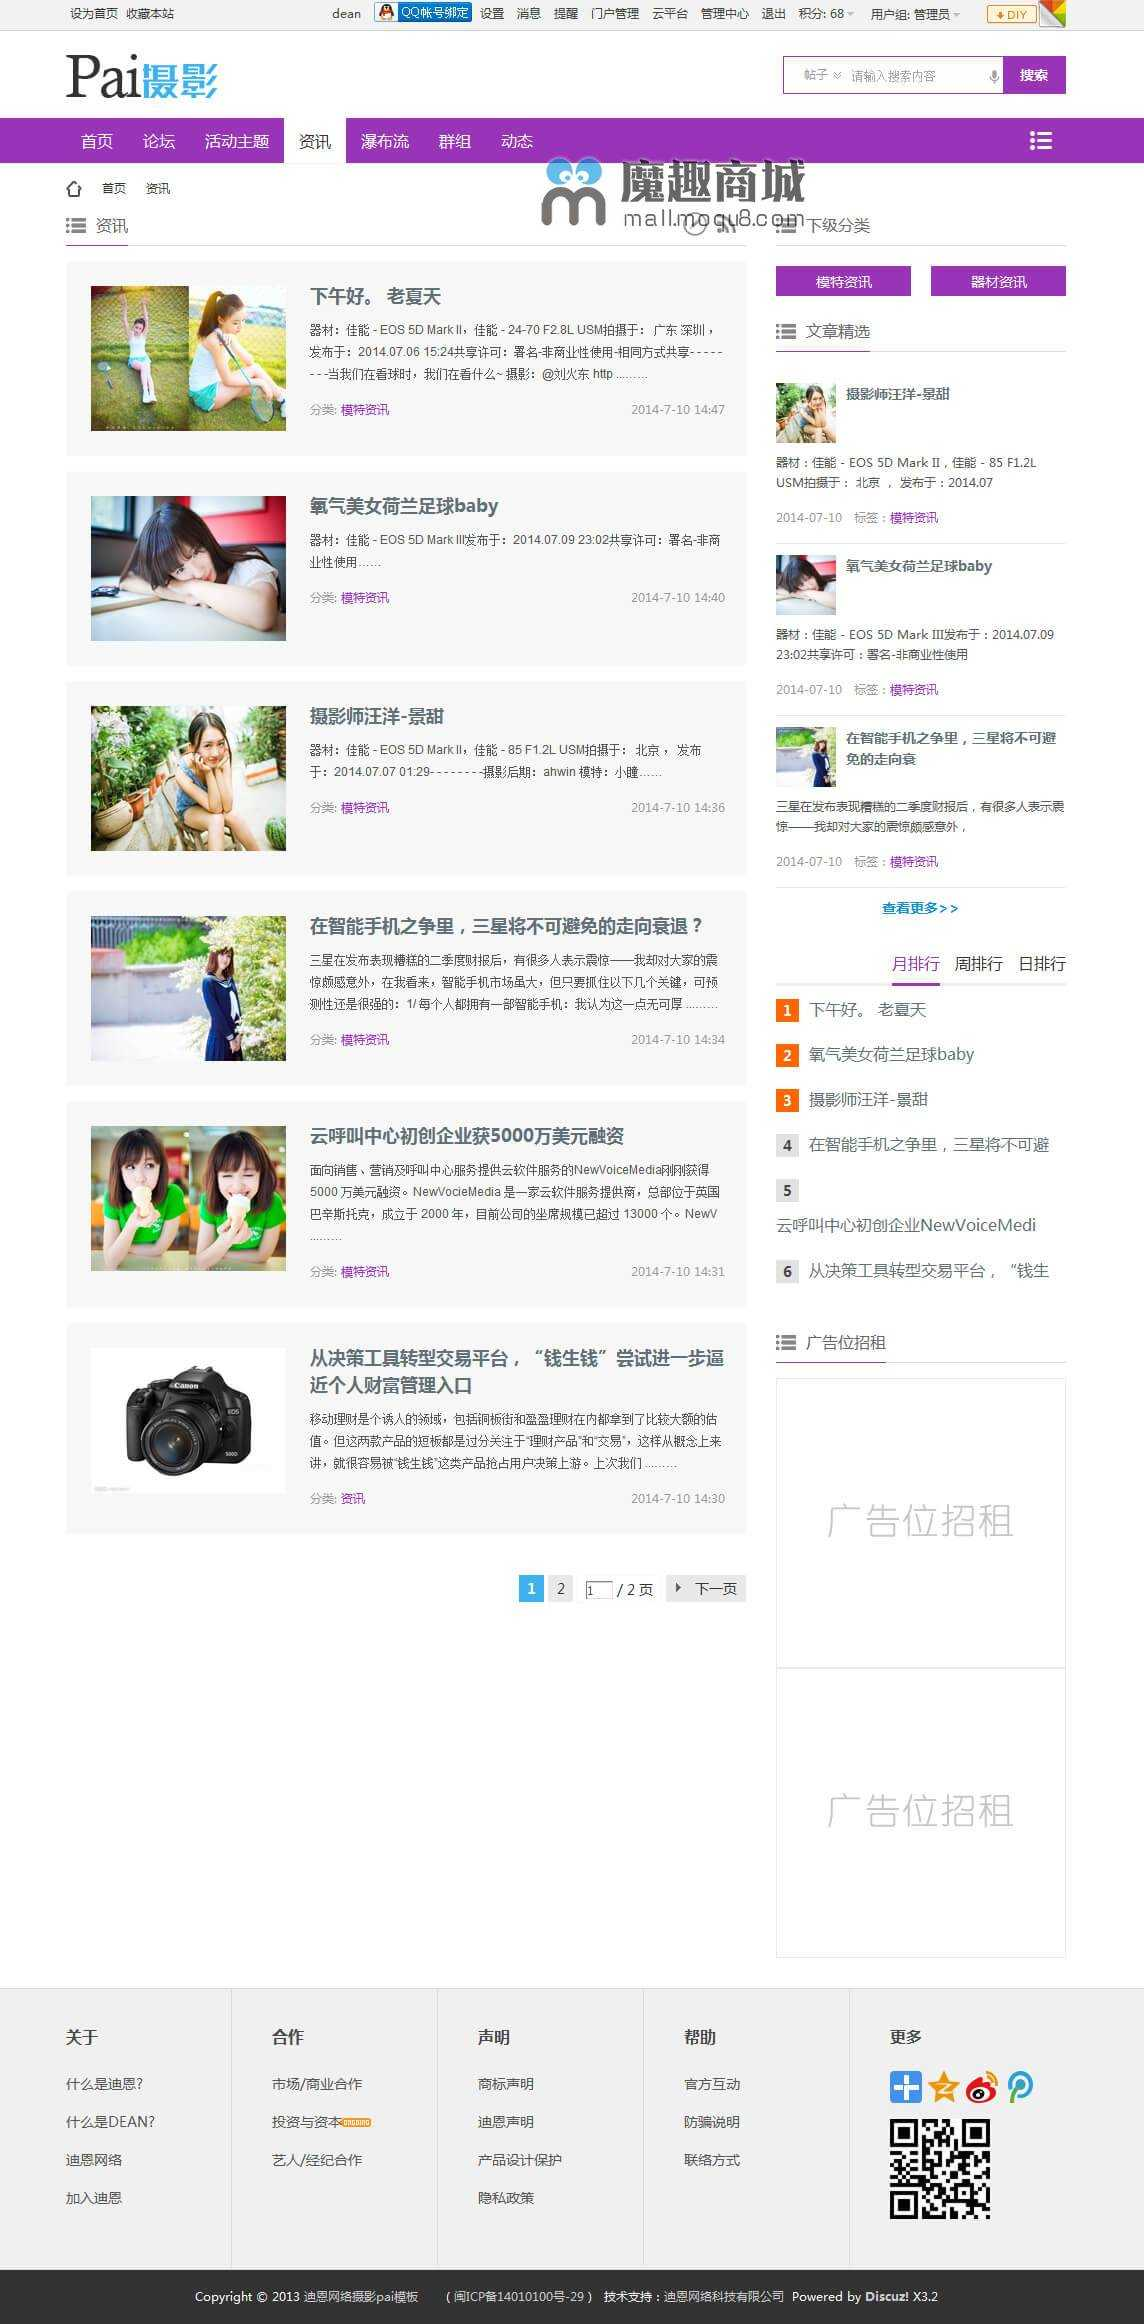 仿Pai摄影图片展示社区门户GBK+UTF8